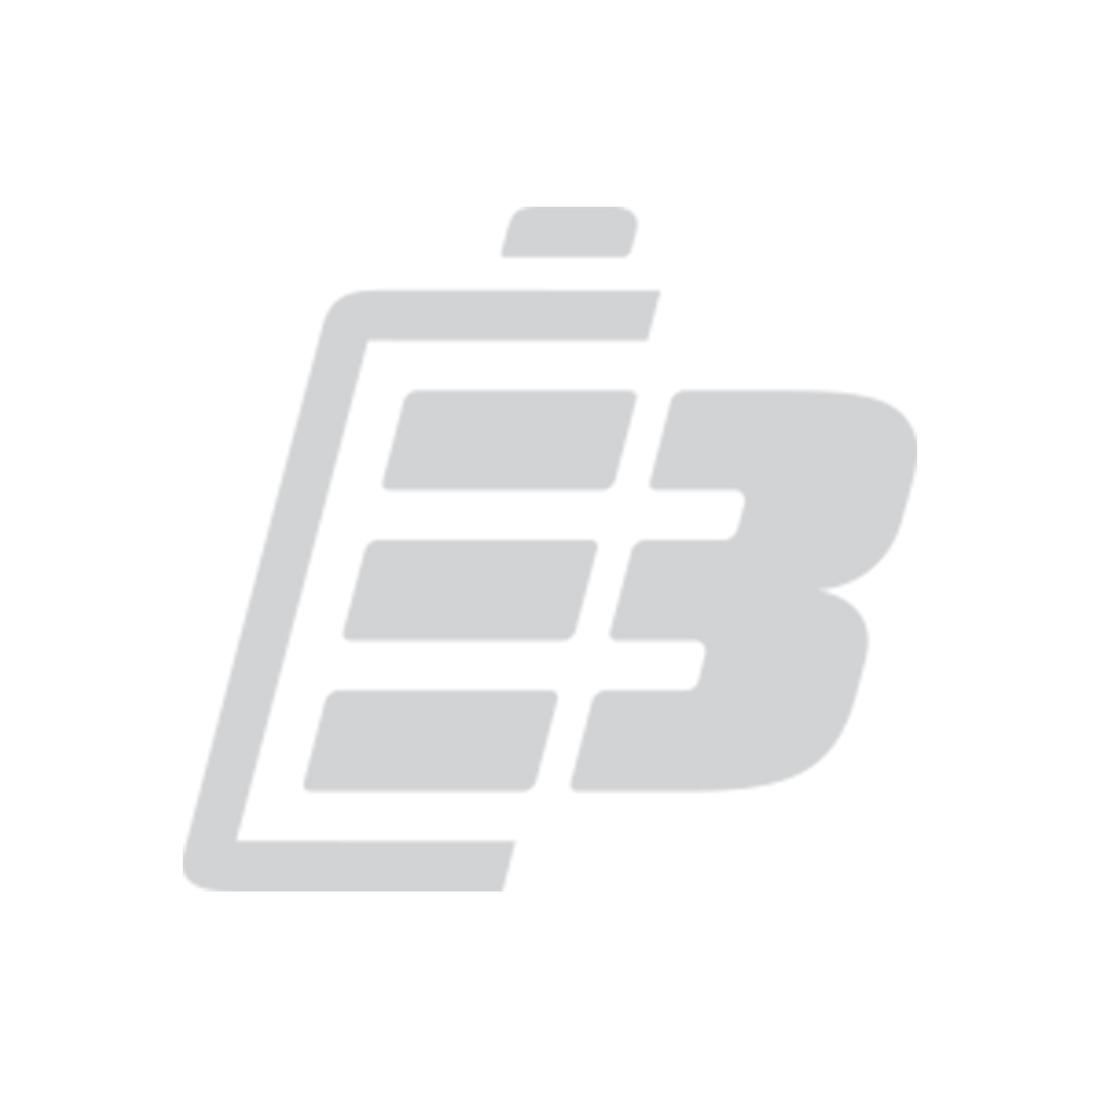 PDA battery Qtek G100_1